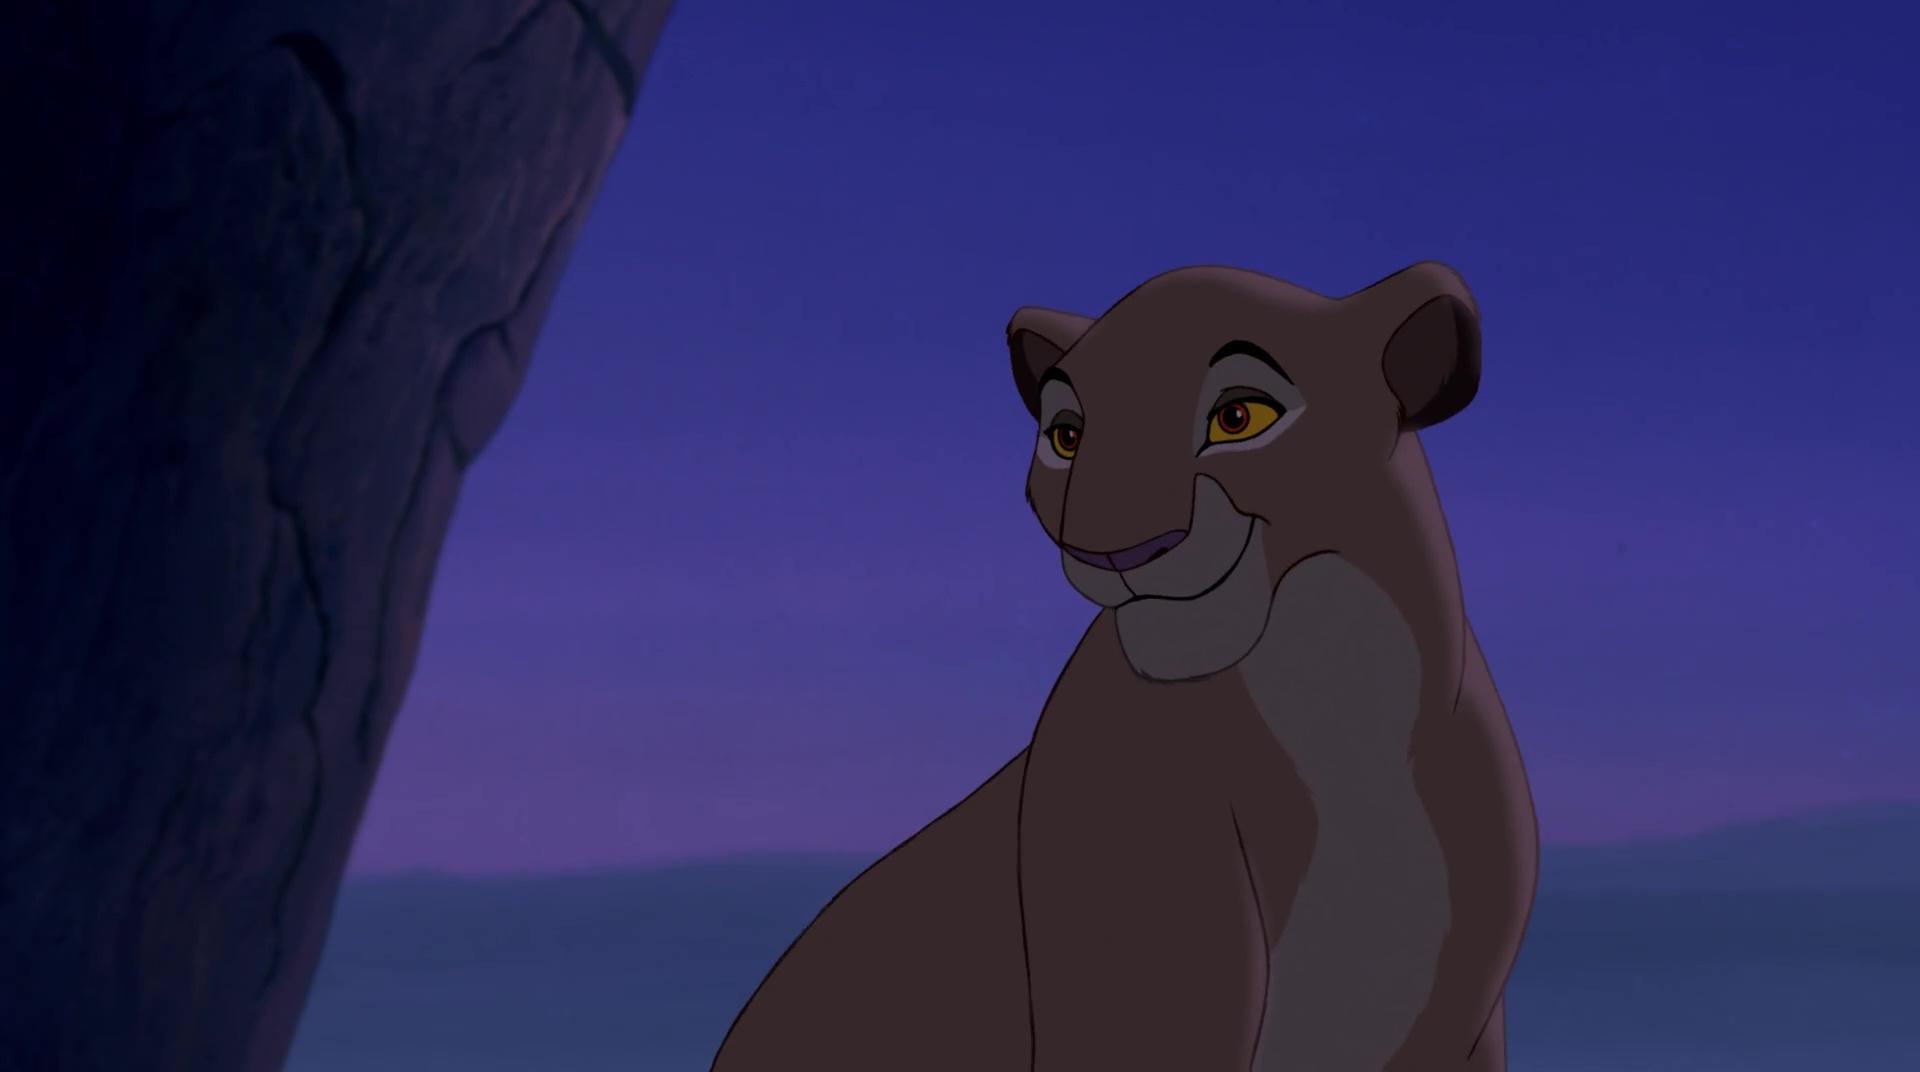 Sarabi Personnage Dans Le Roi Lion Disney Planet